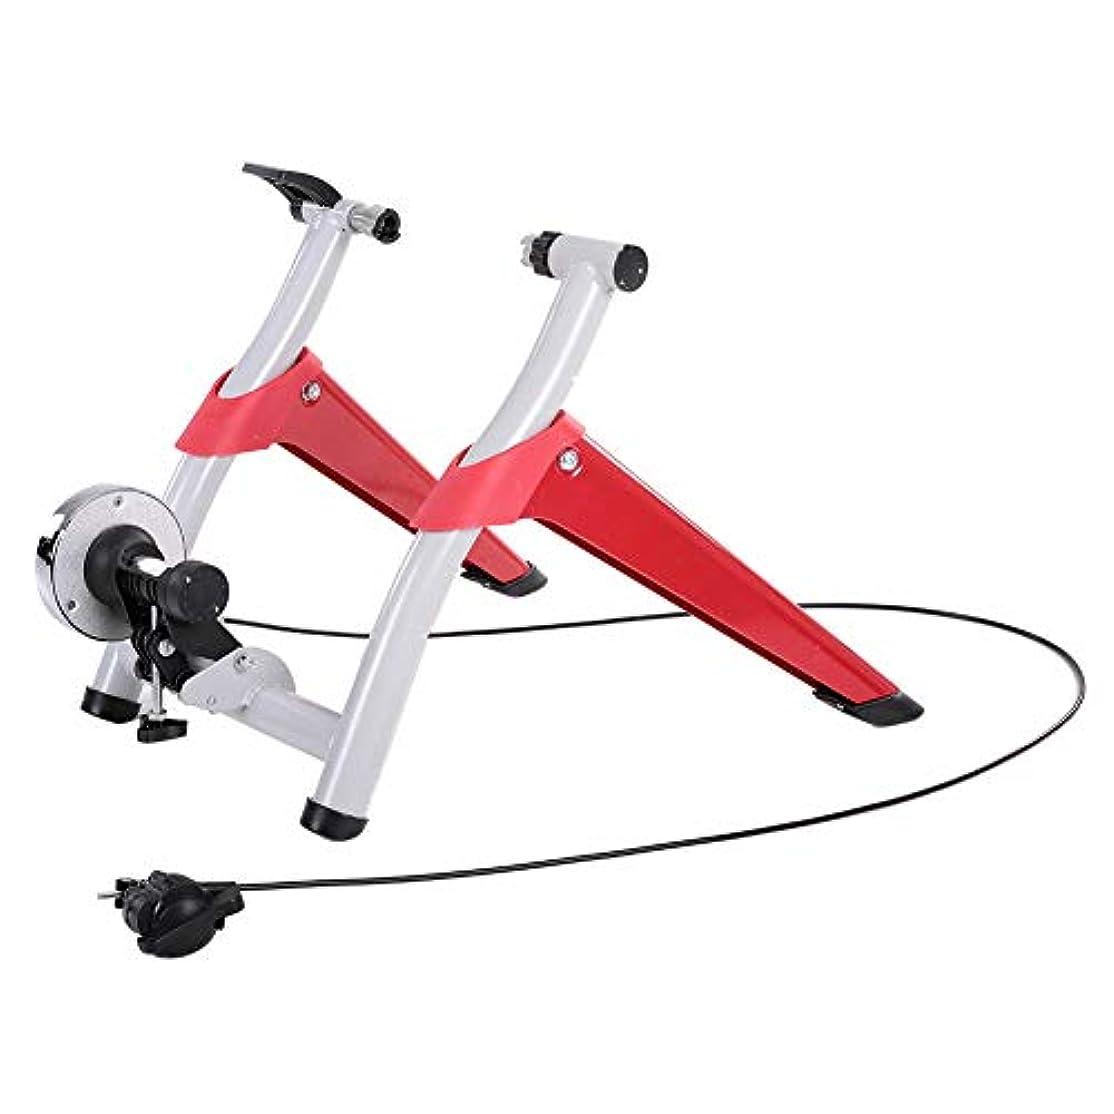 兵隊悪意のある建築バイクトレーナースタンド 屋内自転車のトレーナーの運動機械はロードバイクのマウンテンバイクの乗馬の訓練のために適しています,Red